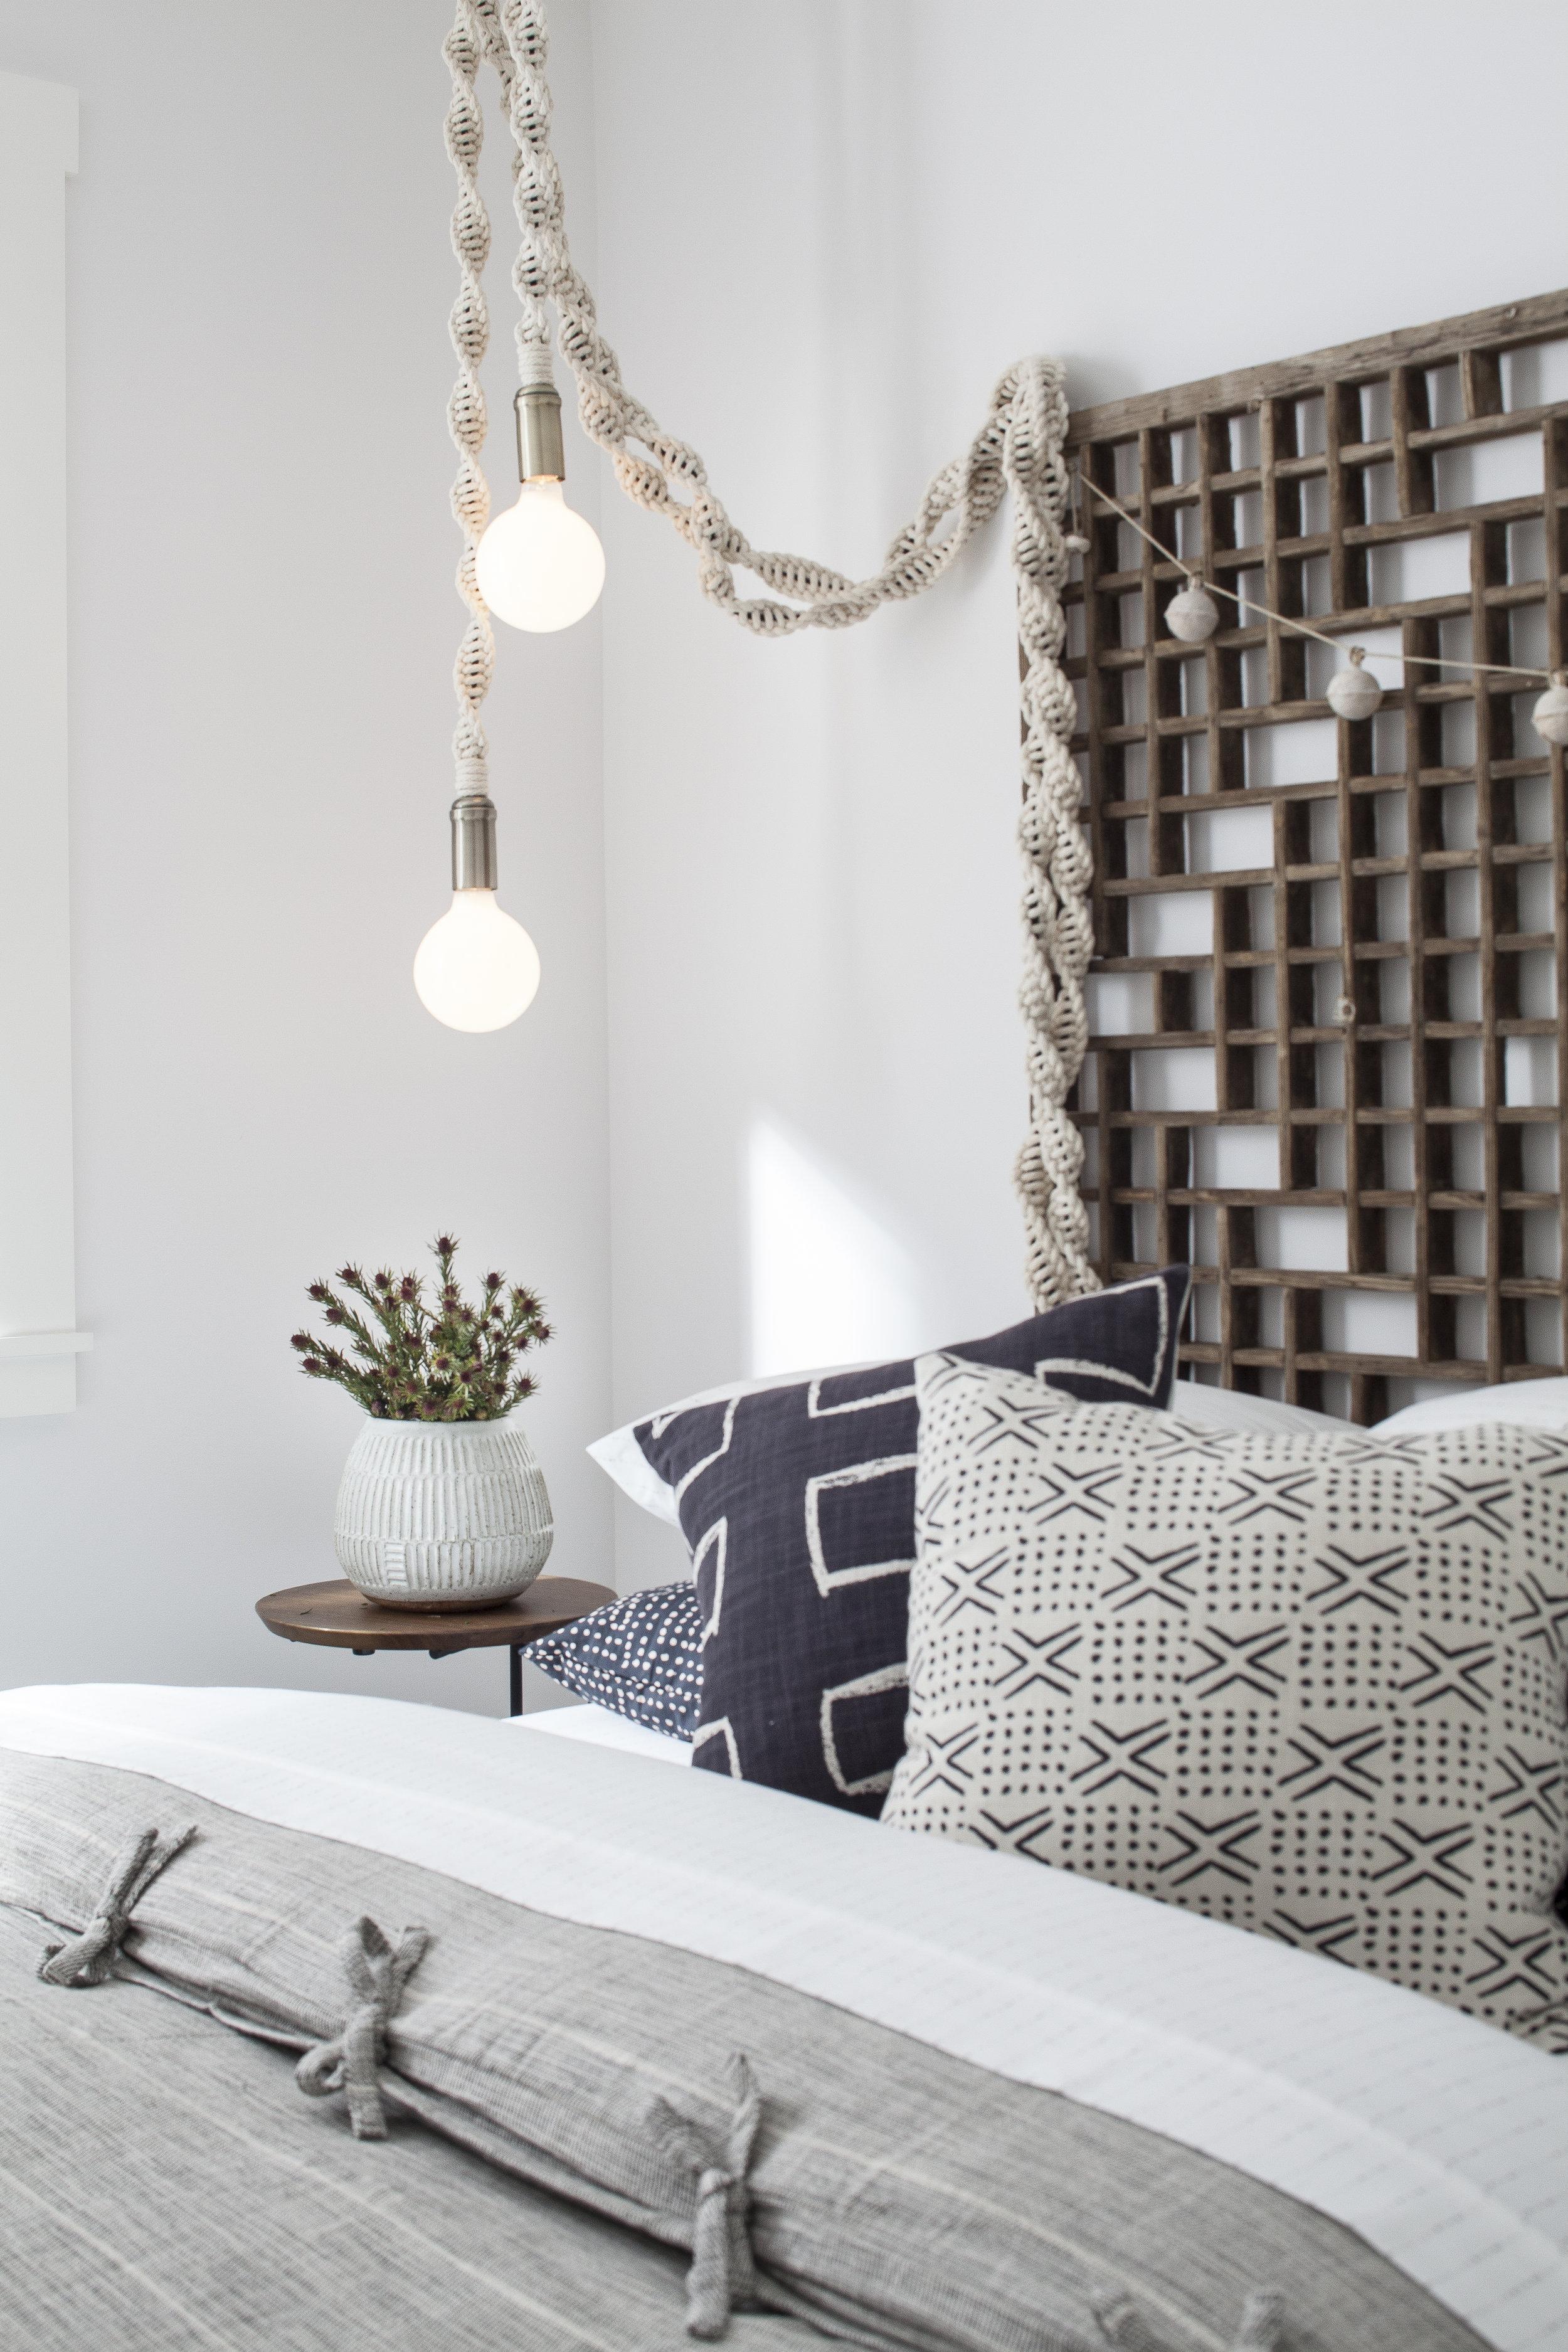 seaside-bungalow-gbedroom-detail.jpg